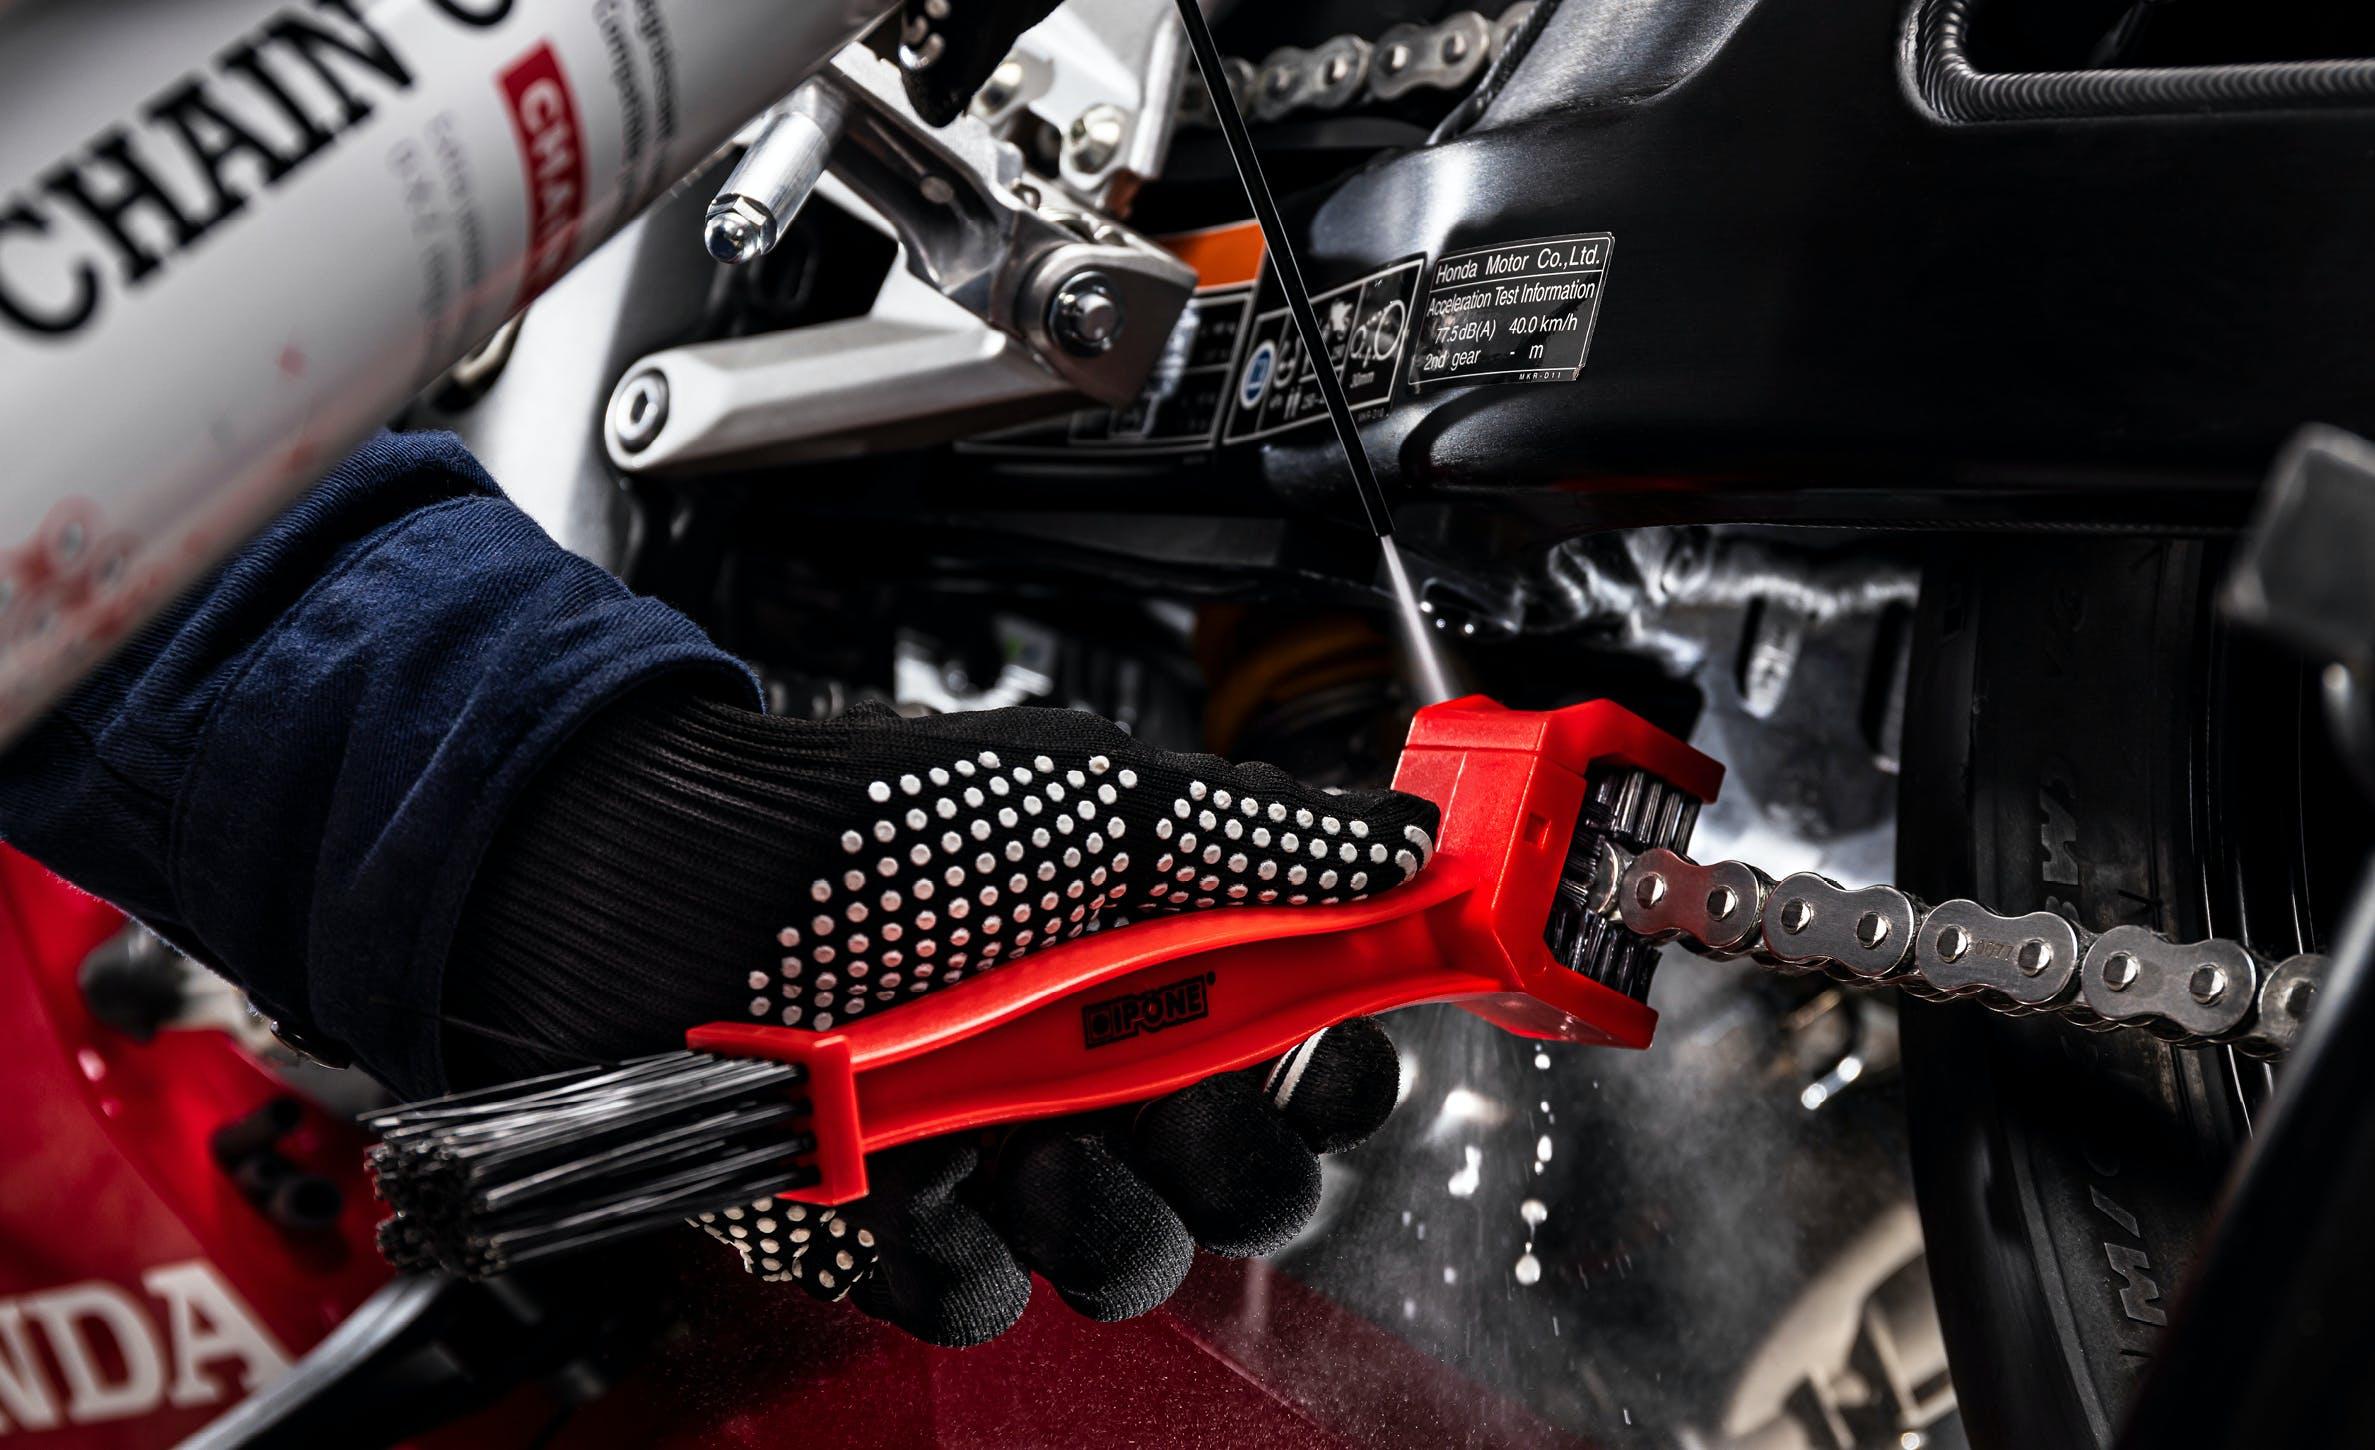 Nettoyage d'une chaîne de moto avec une brosse de chaîne